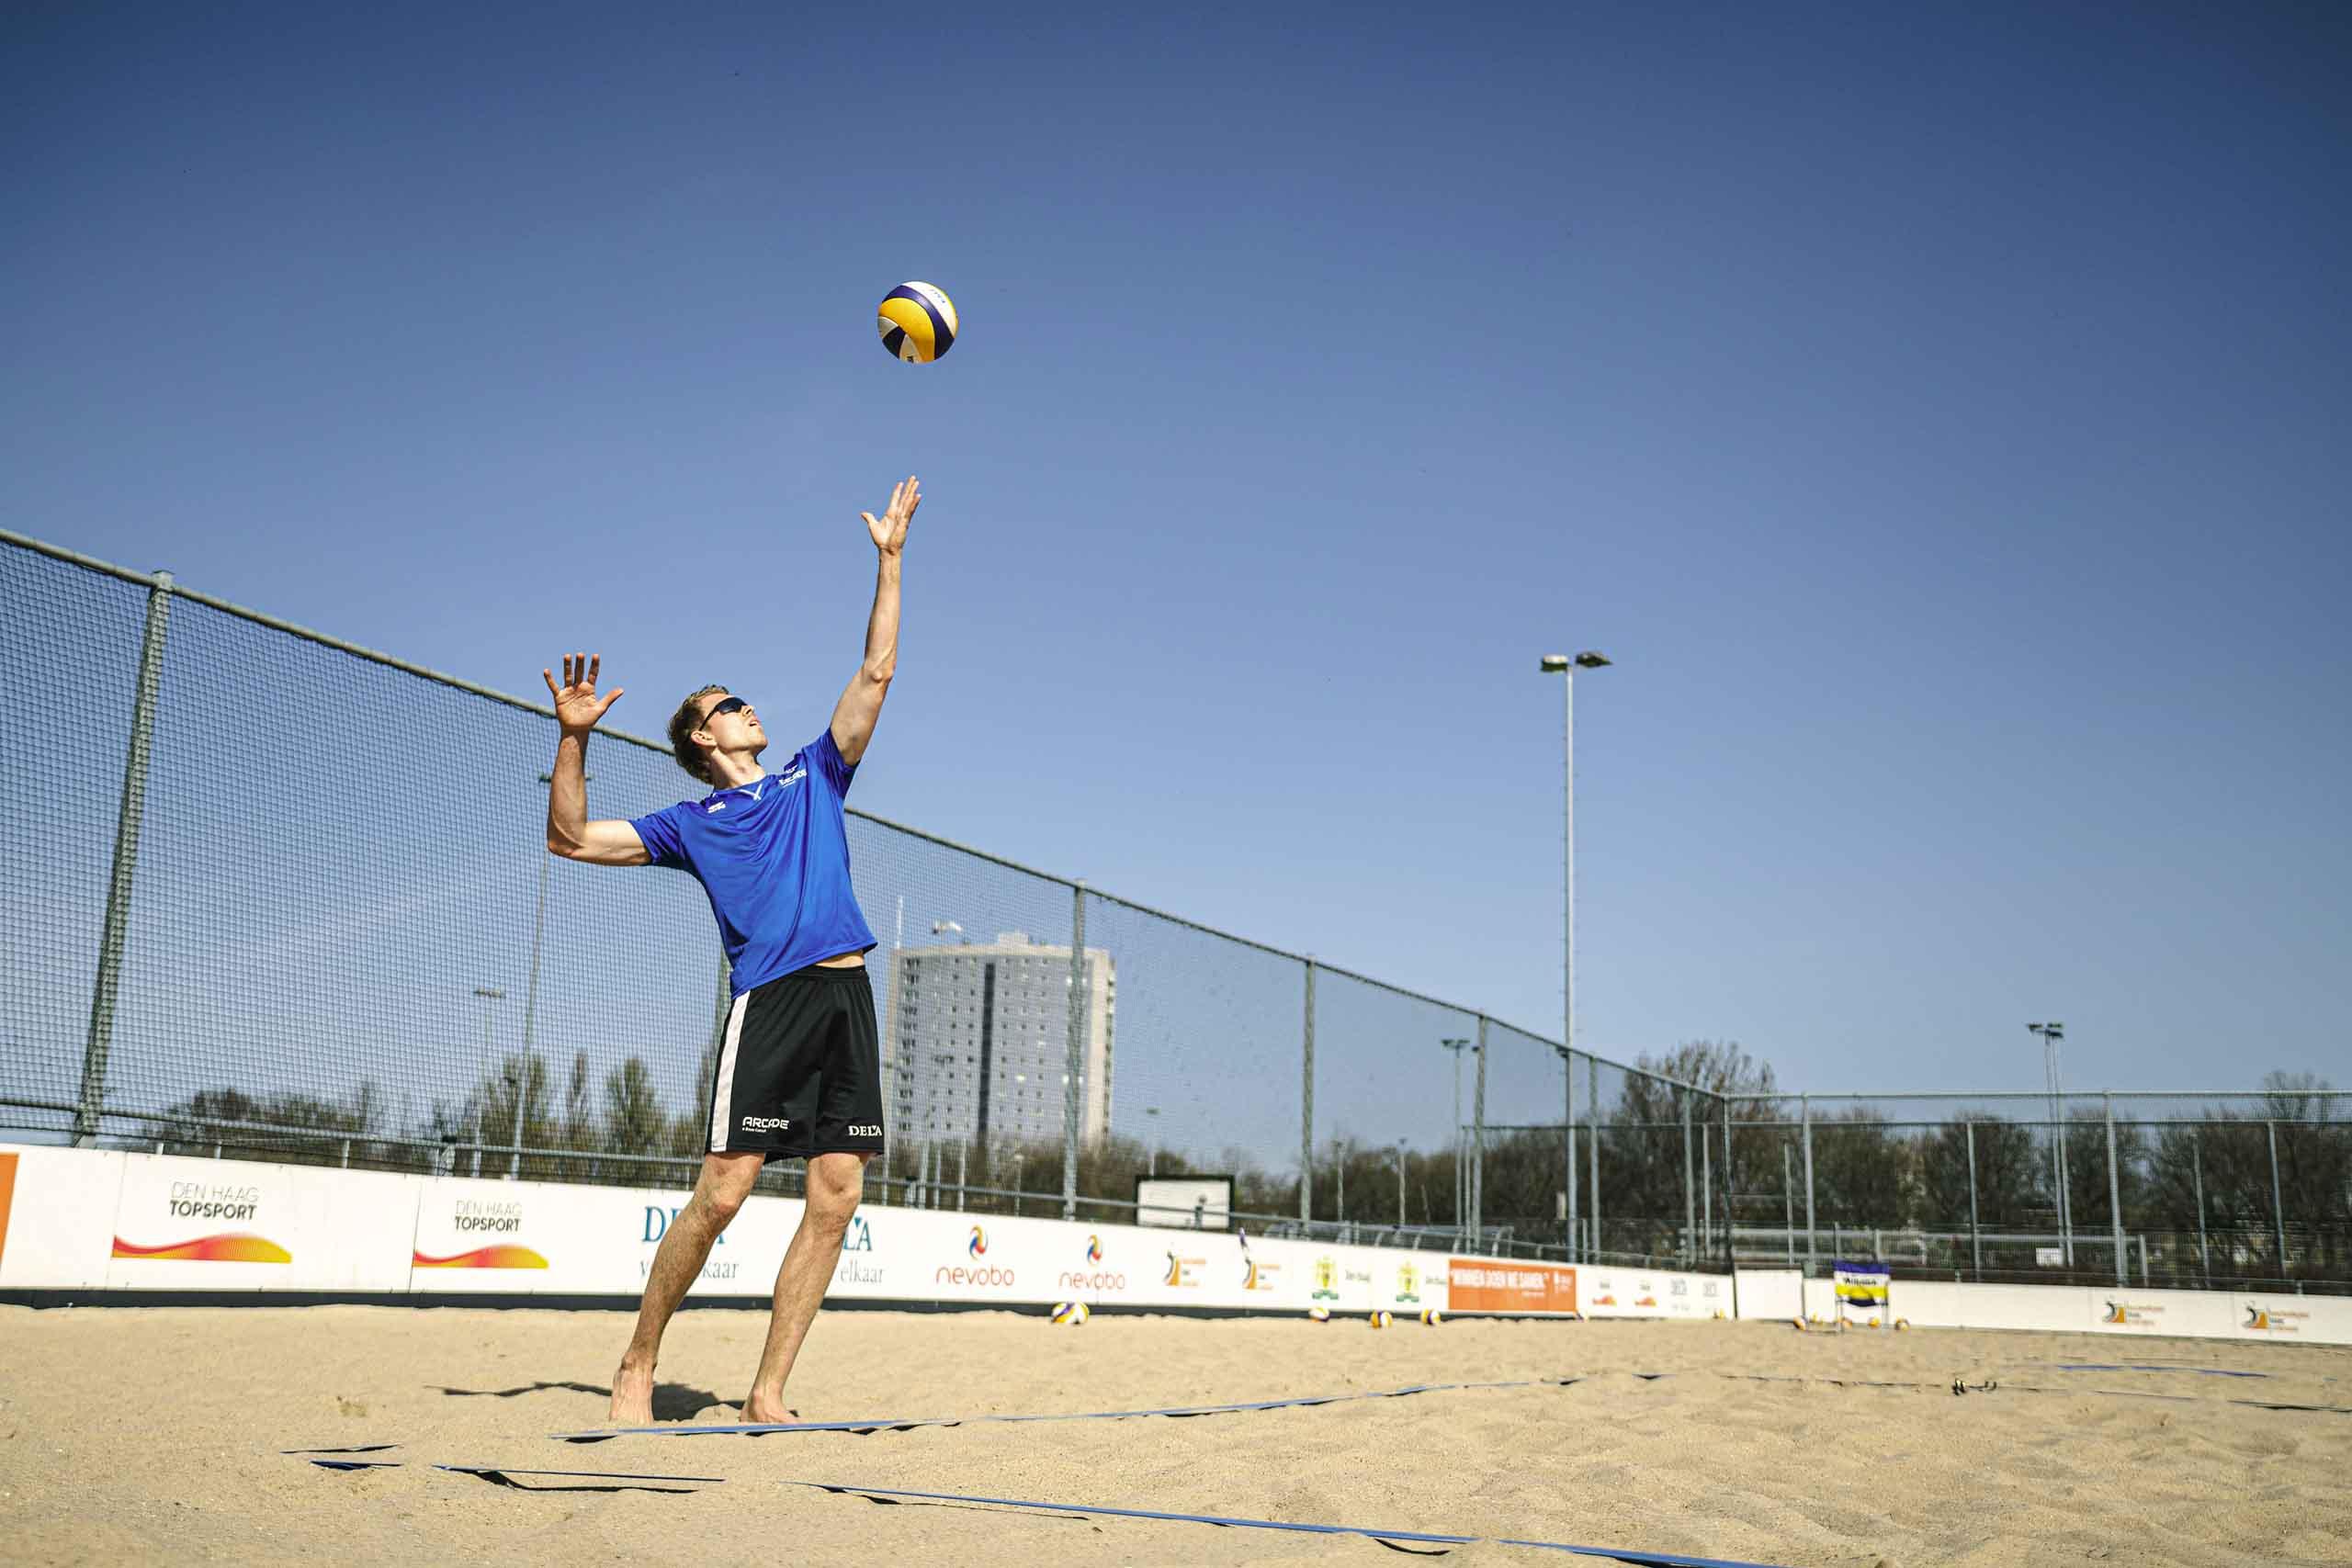 hoeveel wedstrijden beach volleybal